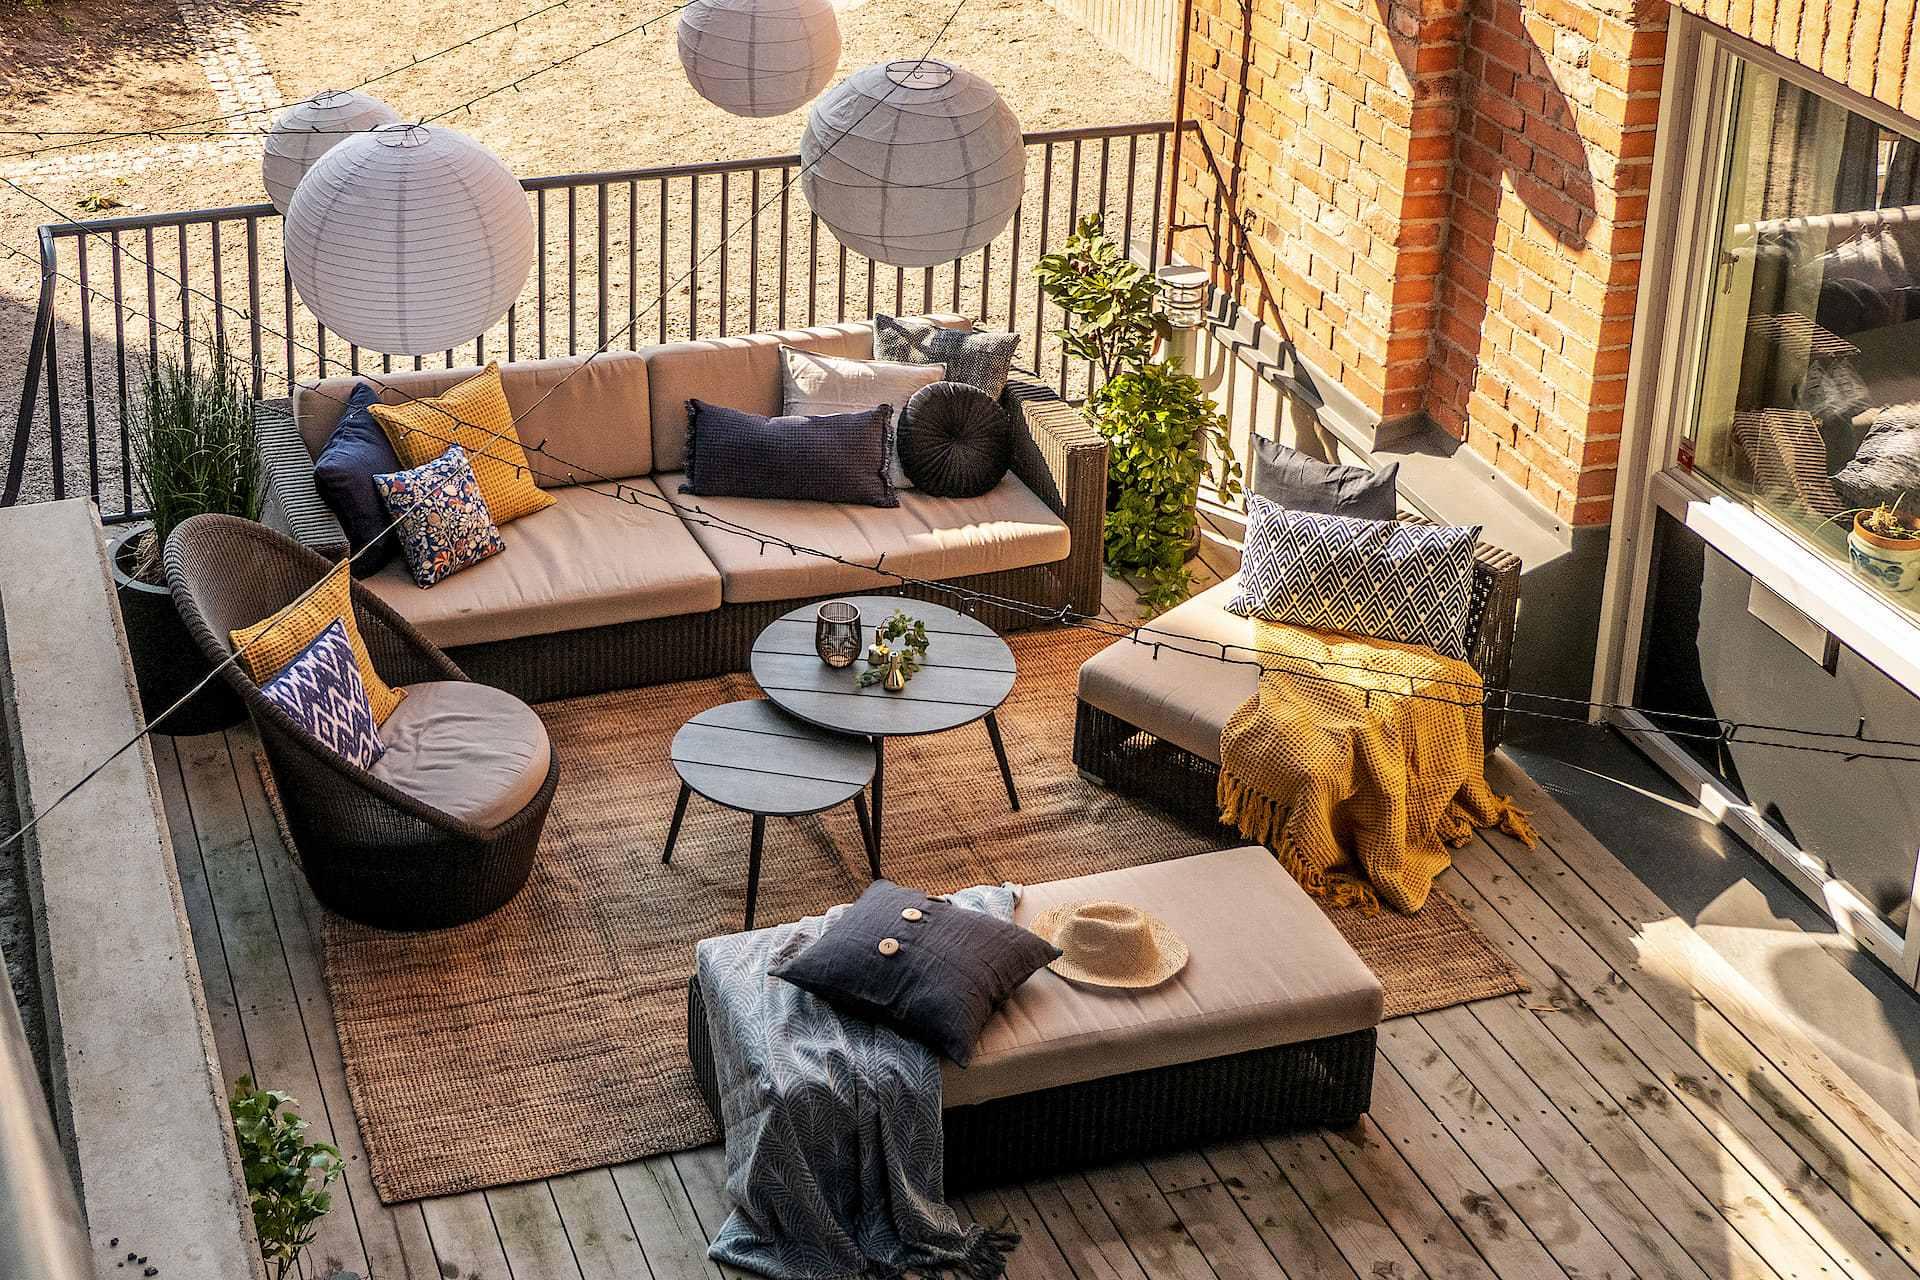 Aménagement De Terrasse & Balcon : Idées Et Conseils | Hopfab serapportantà Amenagement De Terrasse